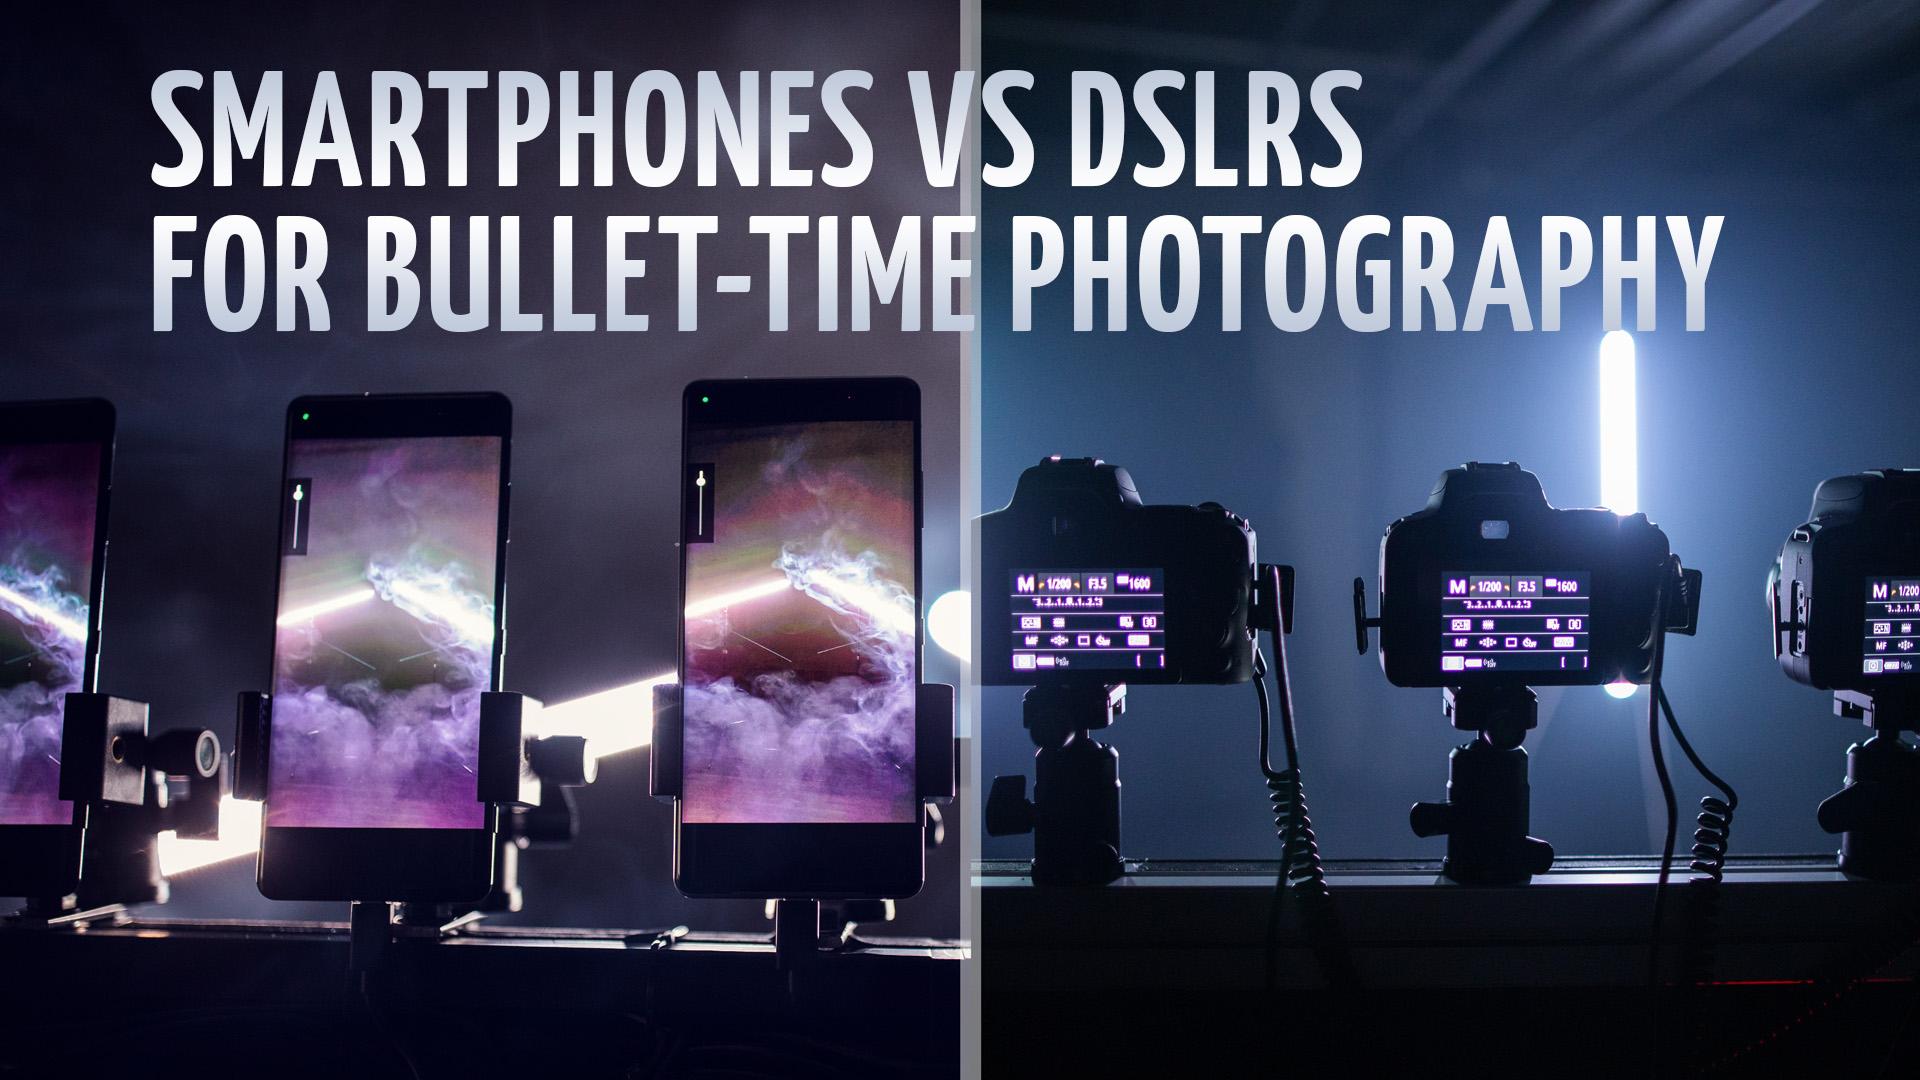 smartphones-vs-dslrs-bullet-time-software-thumbnail.jpg